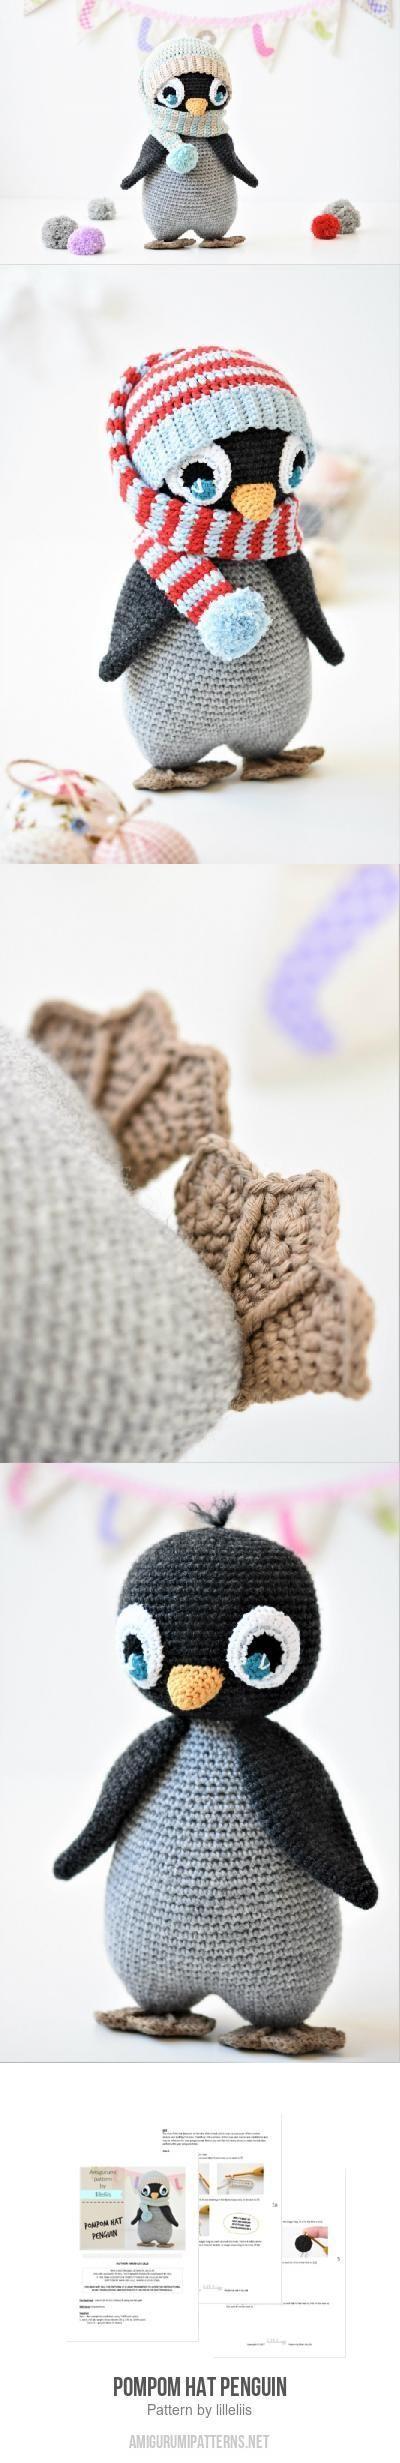 103 mejores imágenes de Crochet en Pinterest | Patrones amigurumi ...